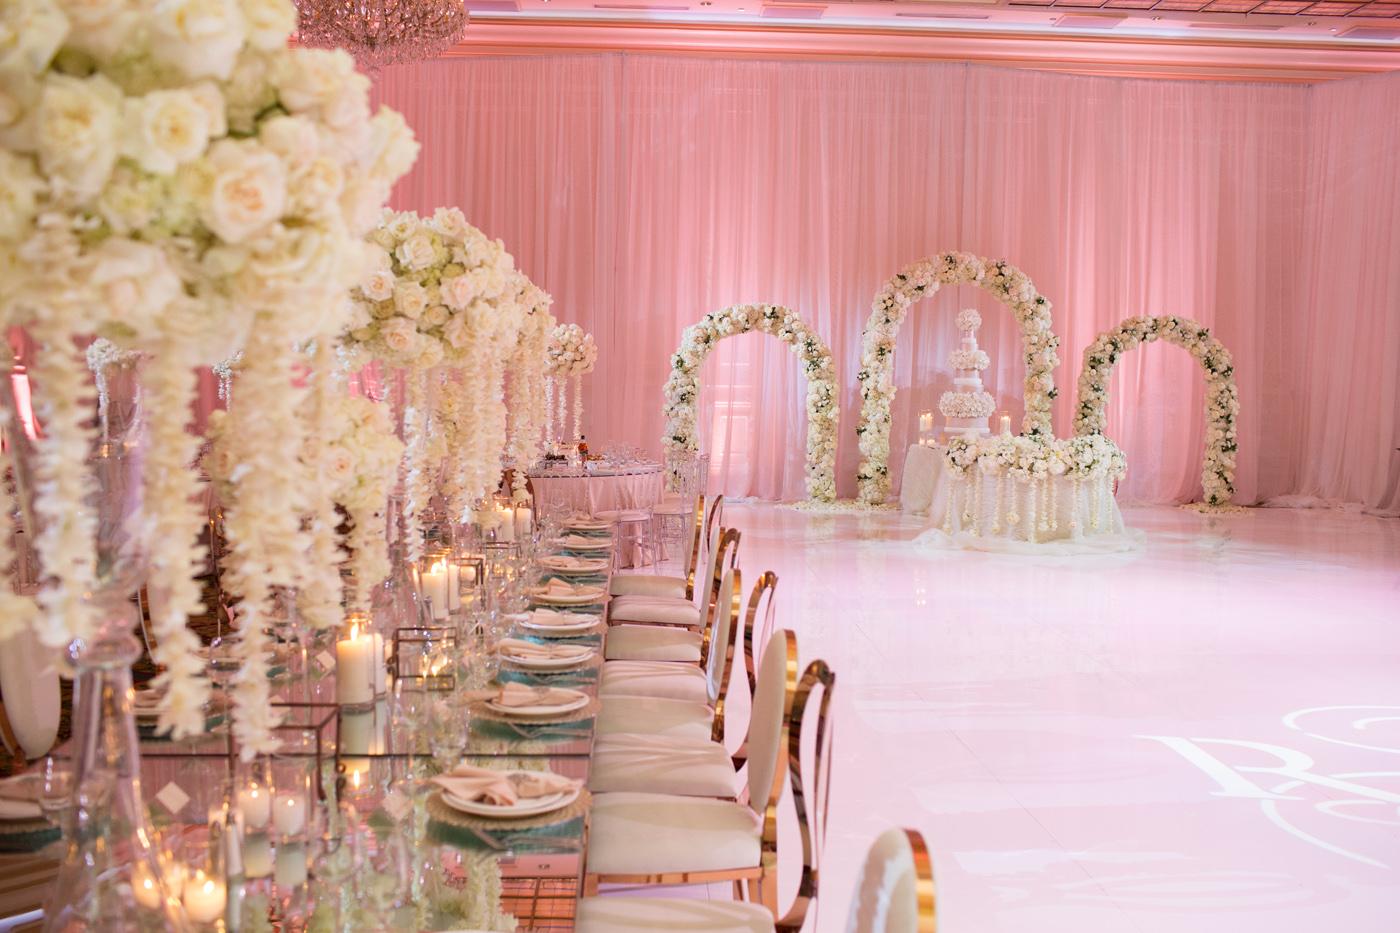 074_DukePhotography_DukeImages_Wedding_Details.jpg